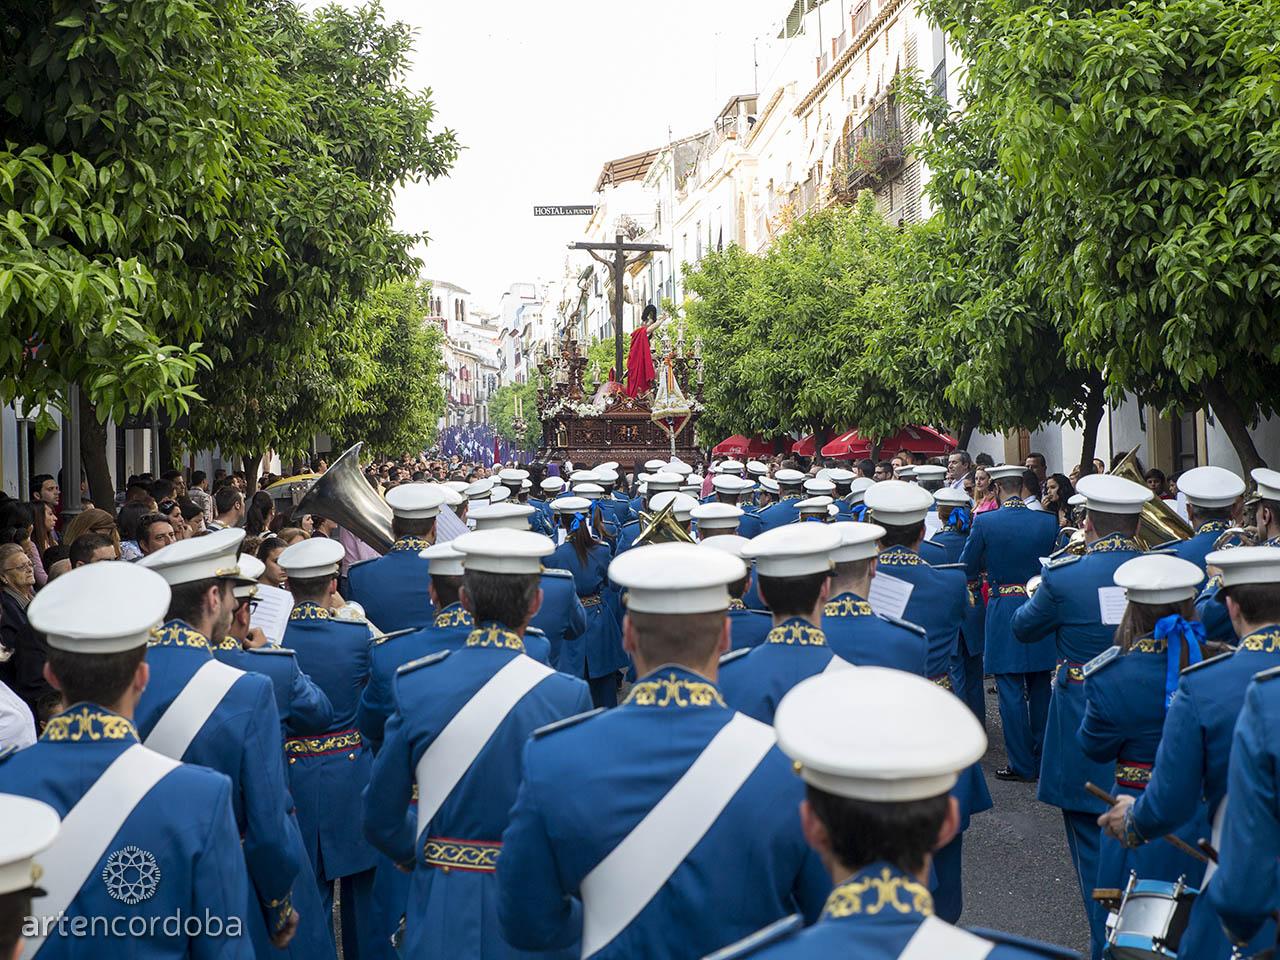 El Santísimo Cristo de la Agonía es acompañado por la banda de música de su hermandad - Semana Santa de Córdoba